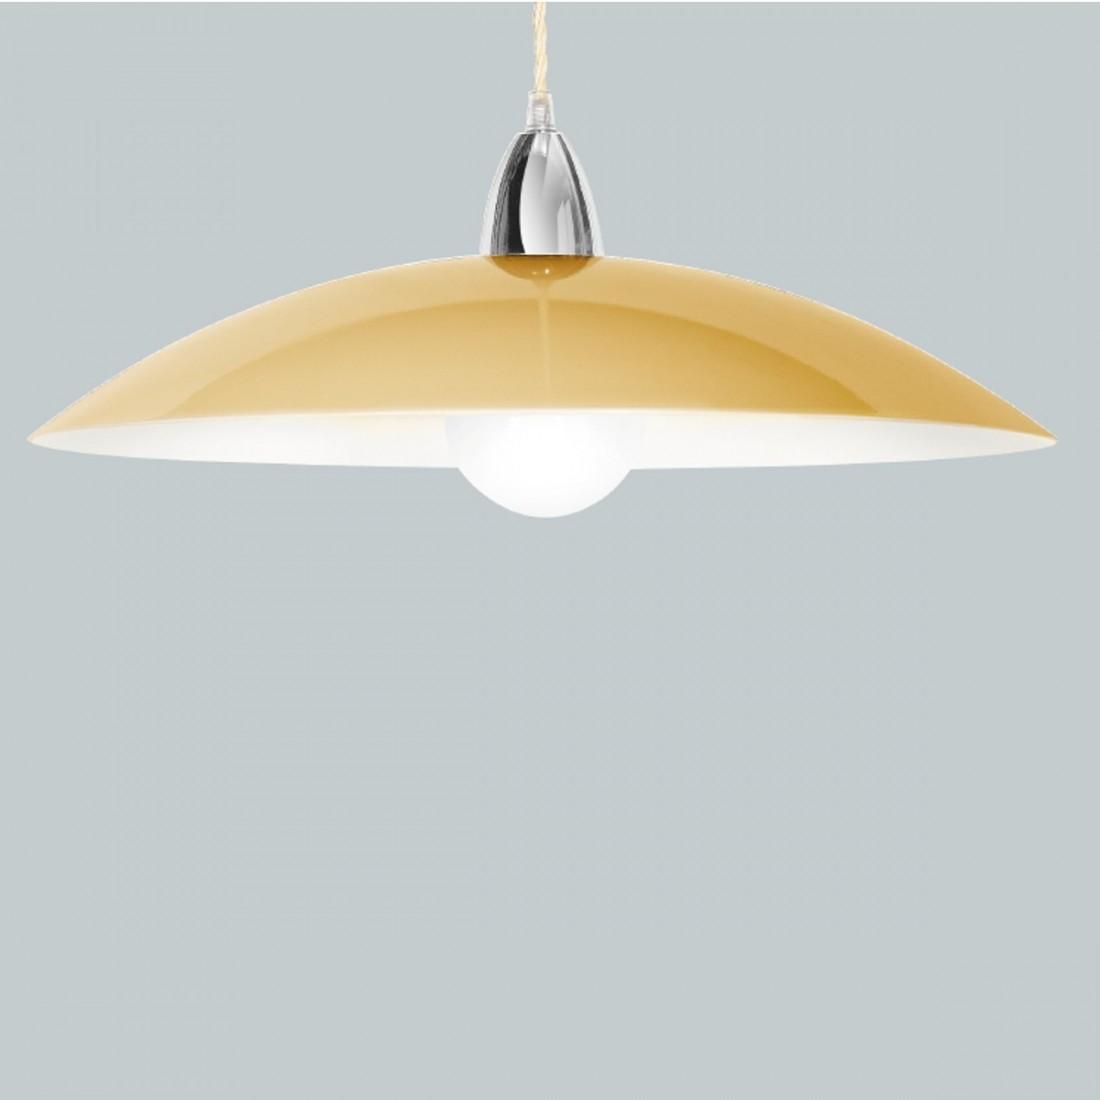 Lampadari tiffany in vetro colorato ⭐ 560 000 pz di lampade in magazzino. Lampadario Con Piatto Colorato In Vetro Attacco E27 Led Interni Ip20